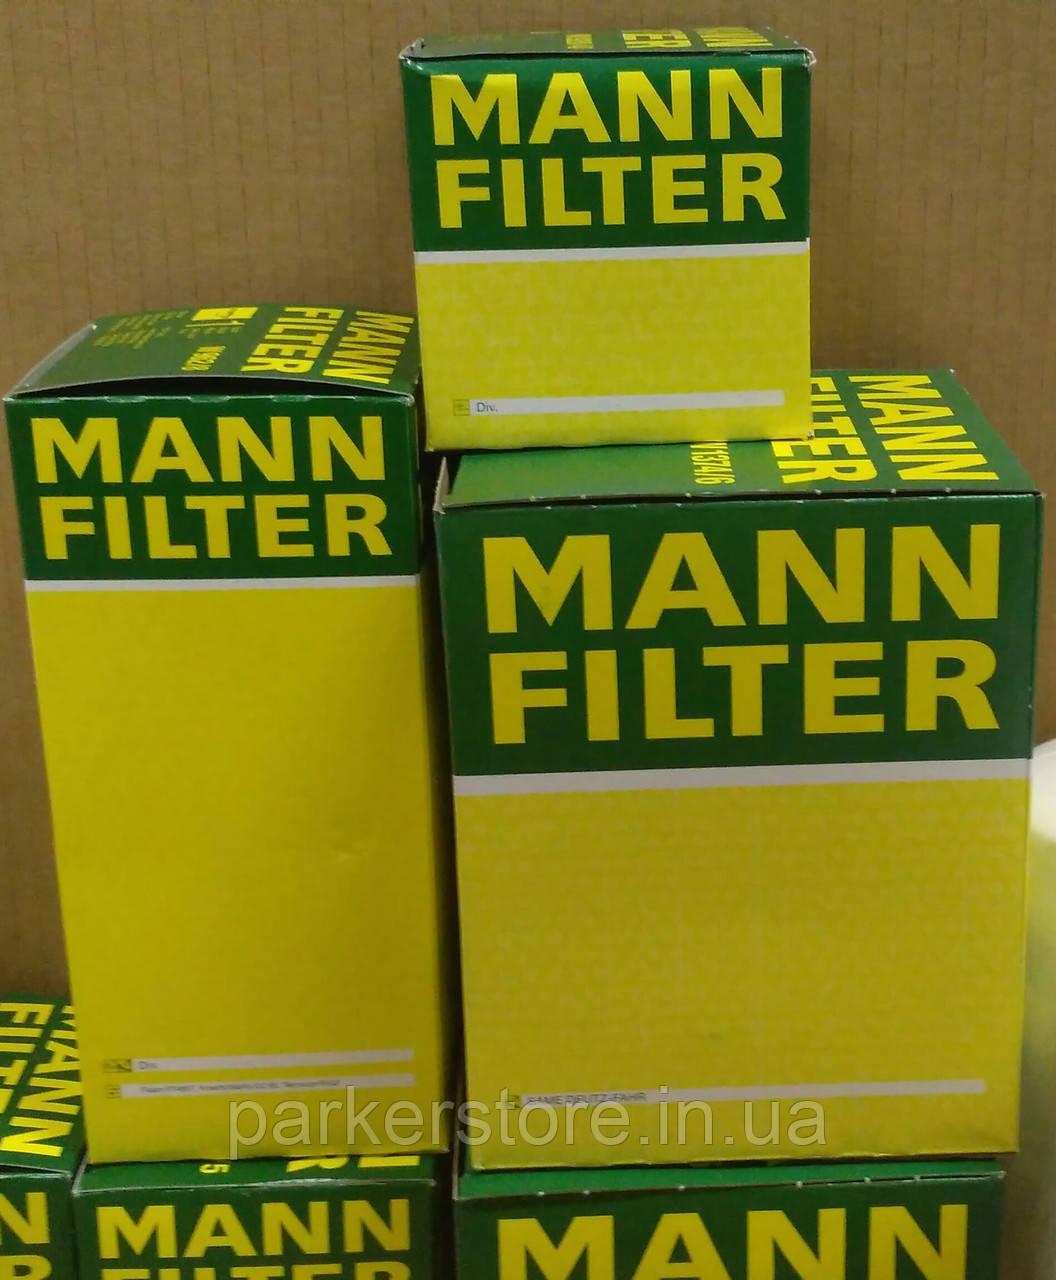 MANN FILTER / Воздушный фильтр / C 3397 / C3397